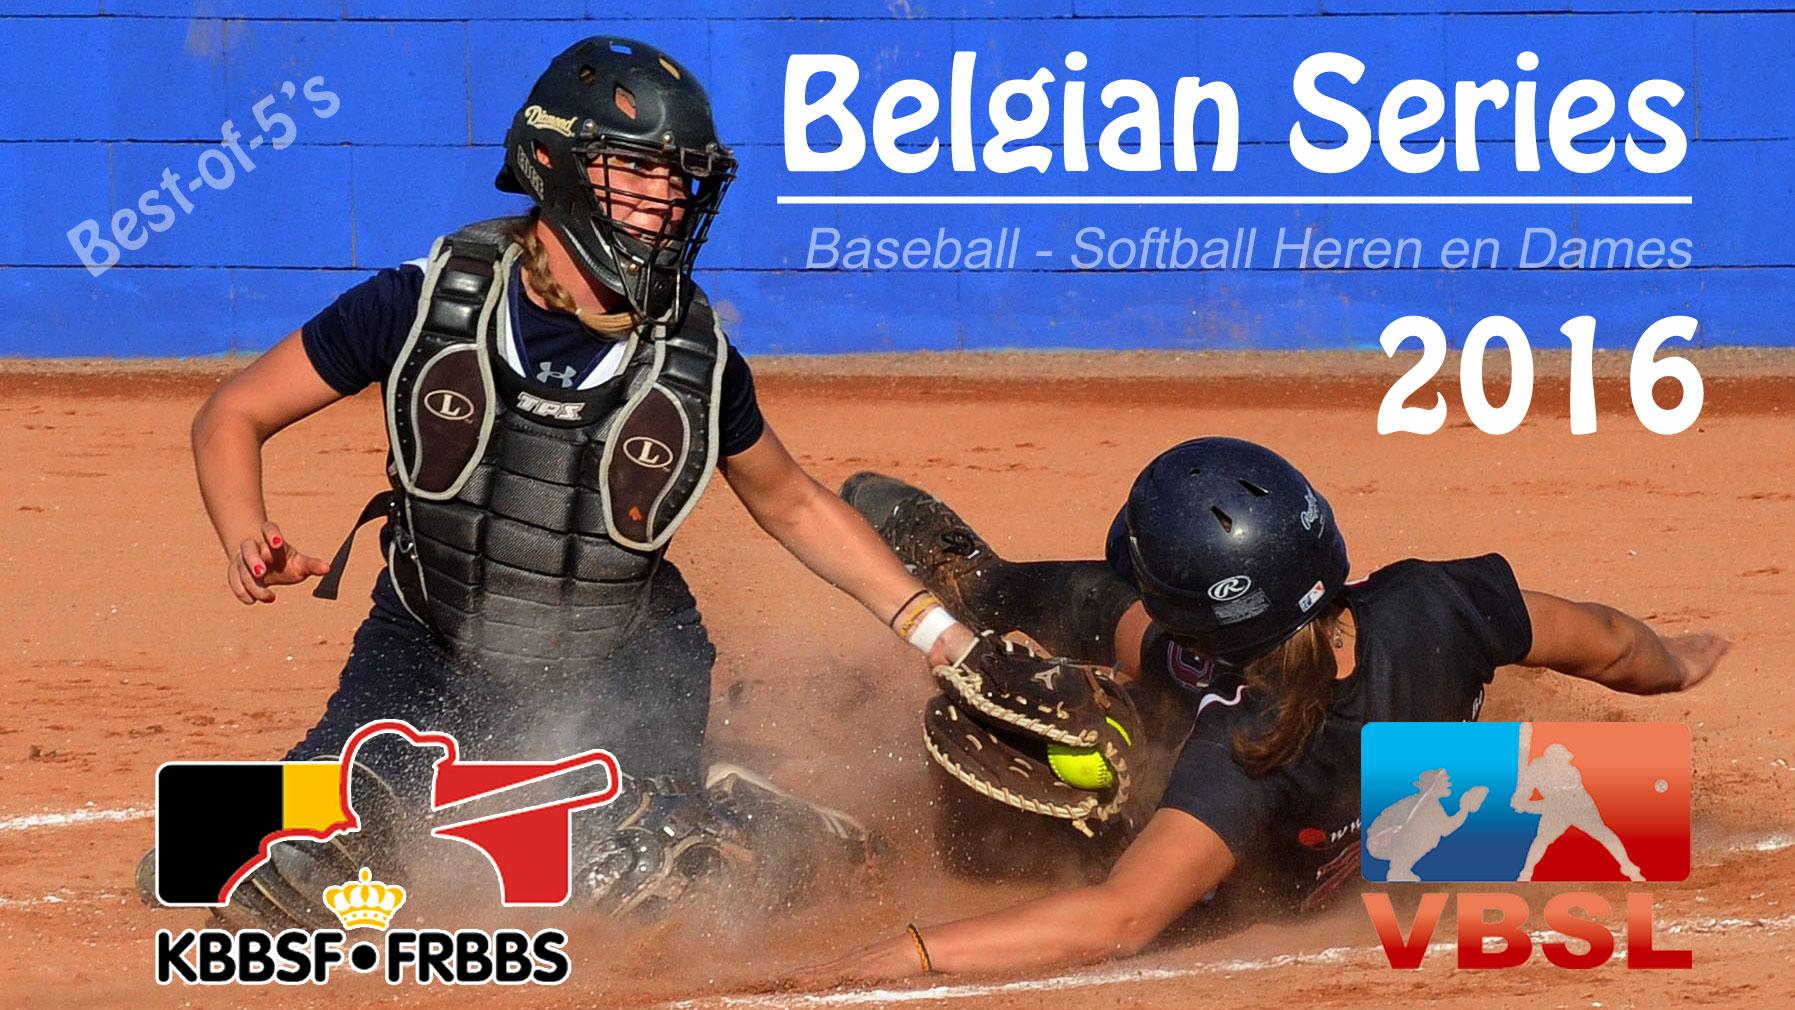 Volg de spannende Belgian Series -klik op de foto voor alle info-